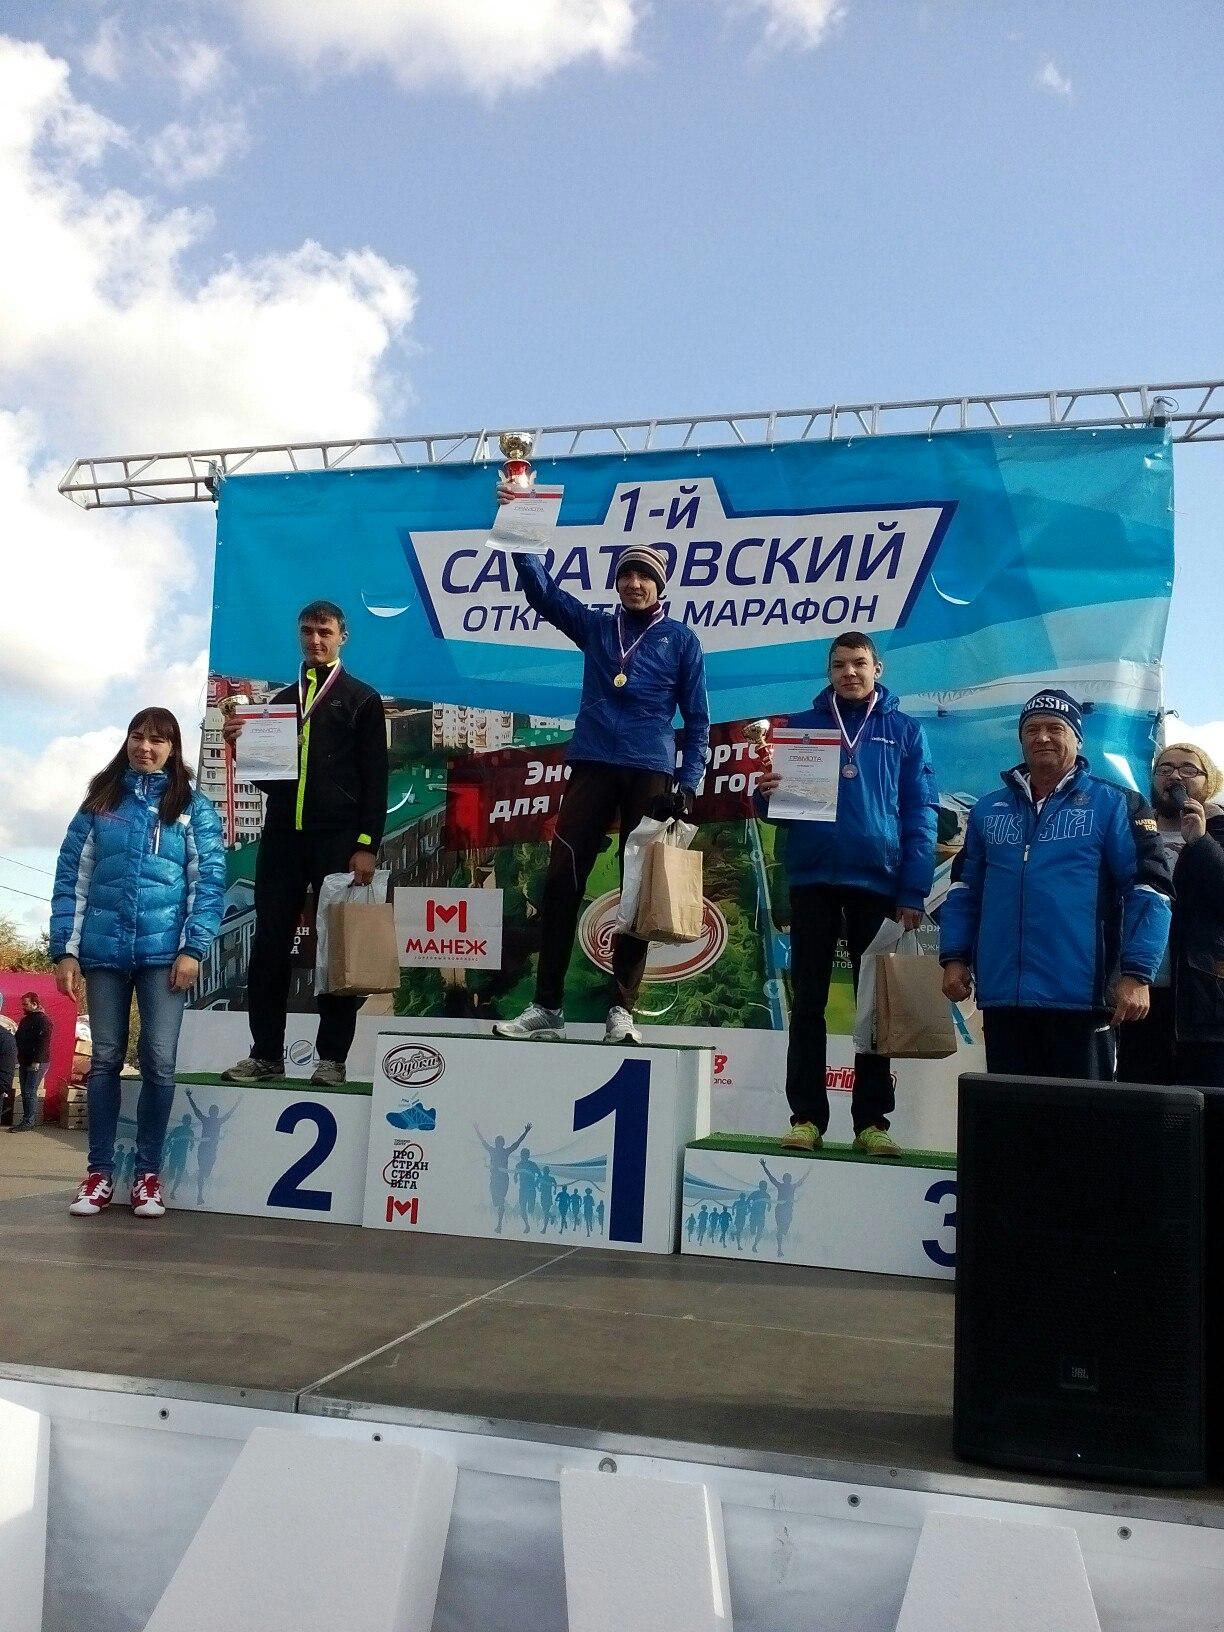 10 км в рамках «Первого Саратовского марафона». Результат 32.29